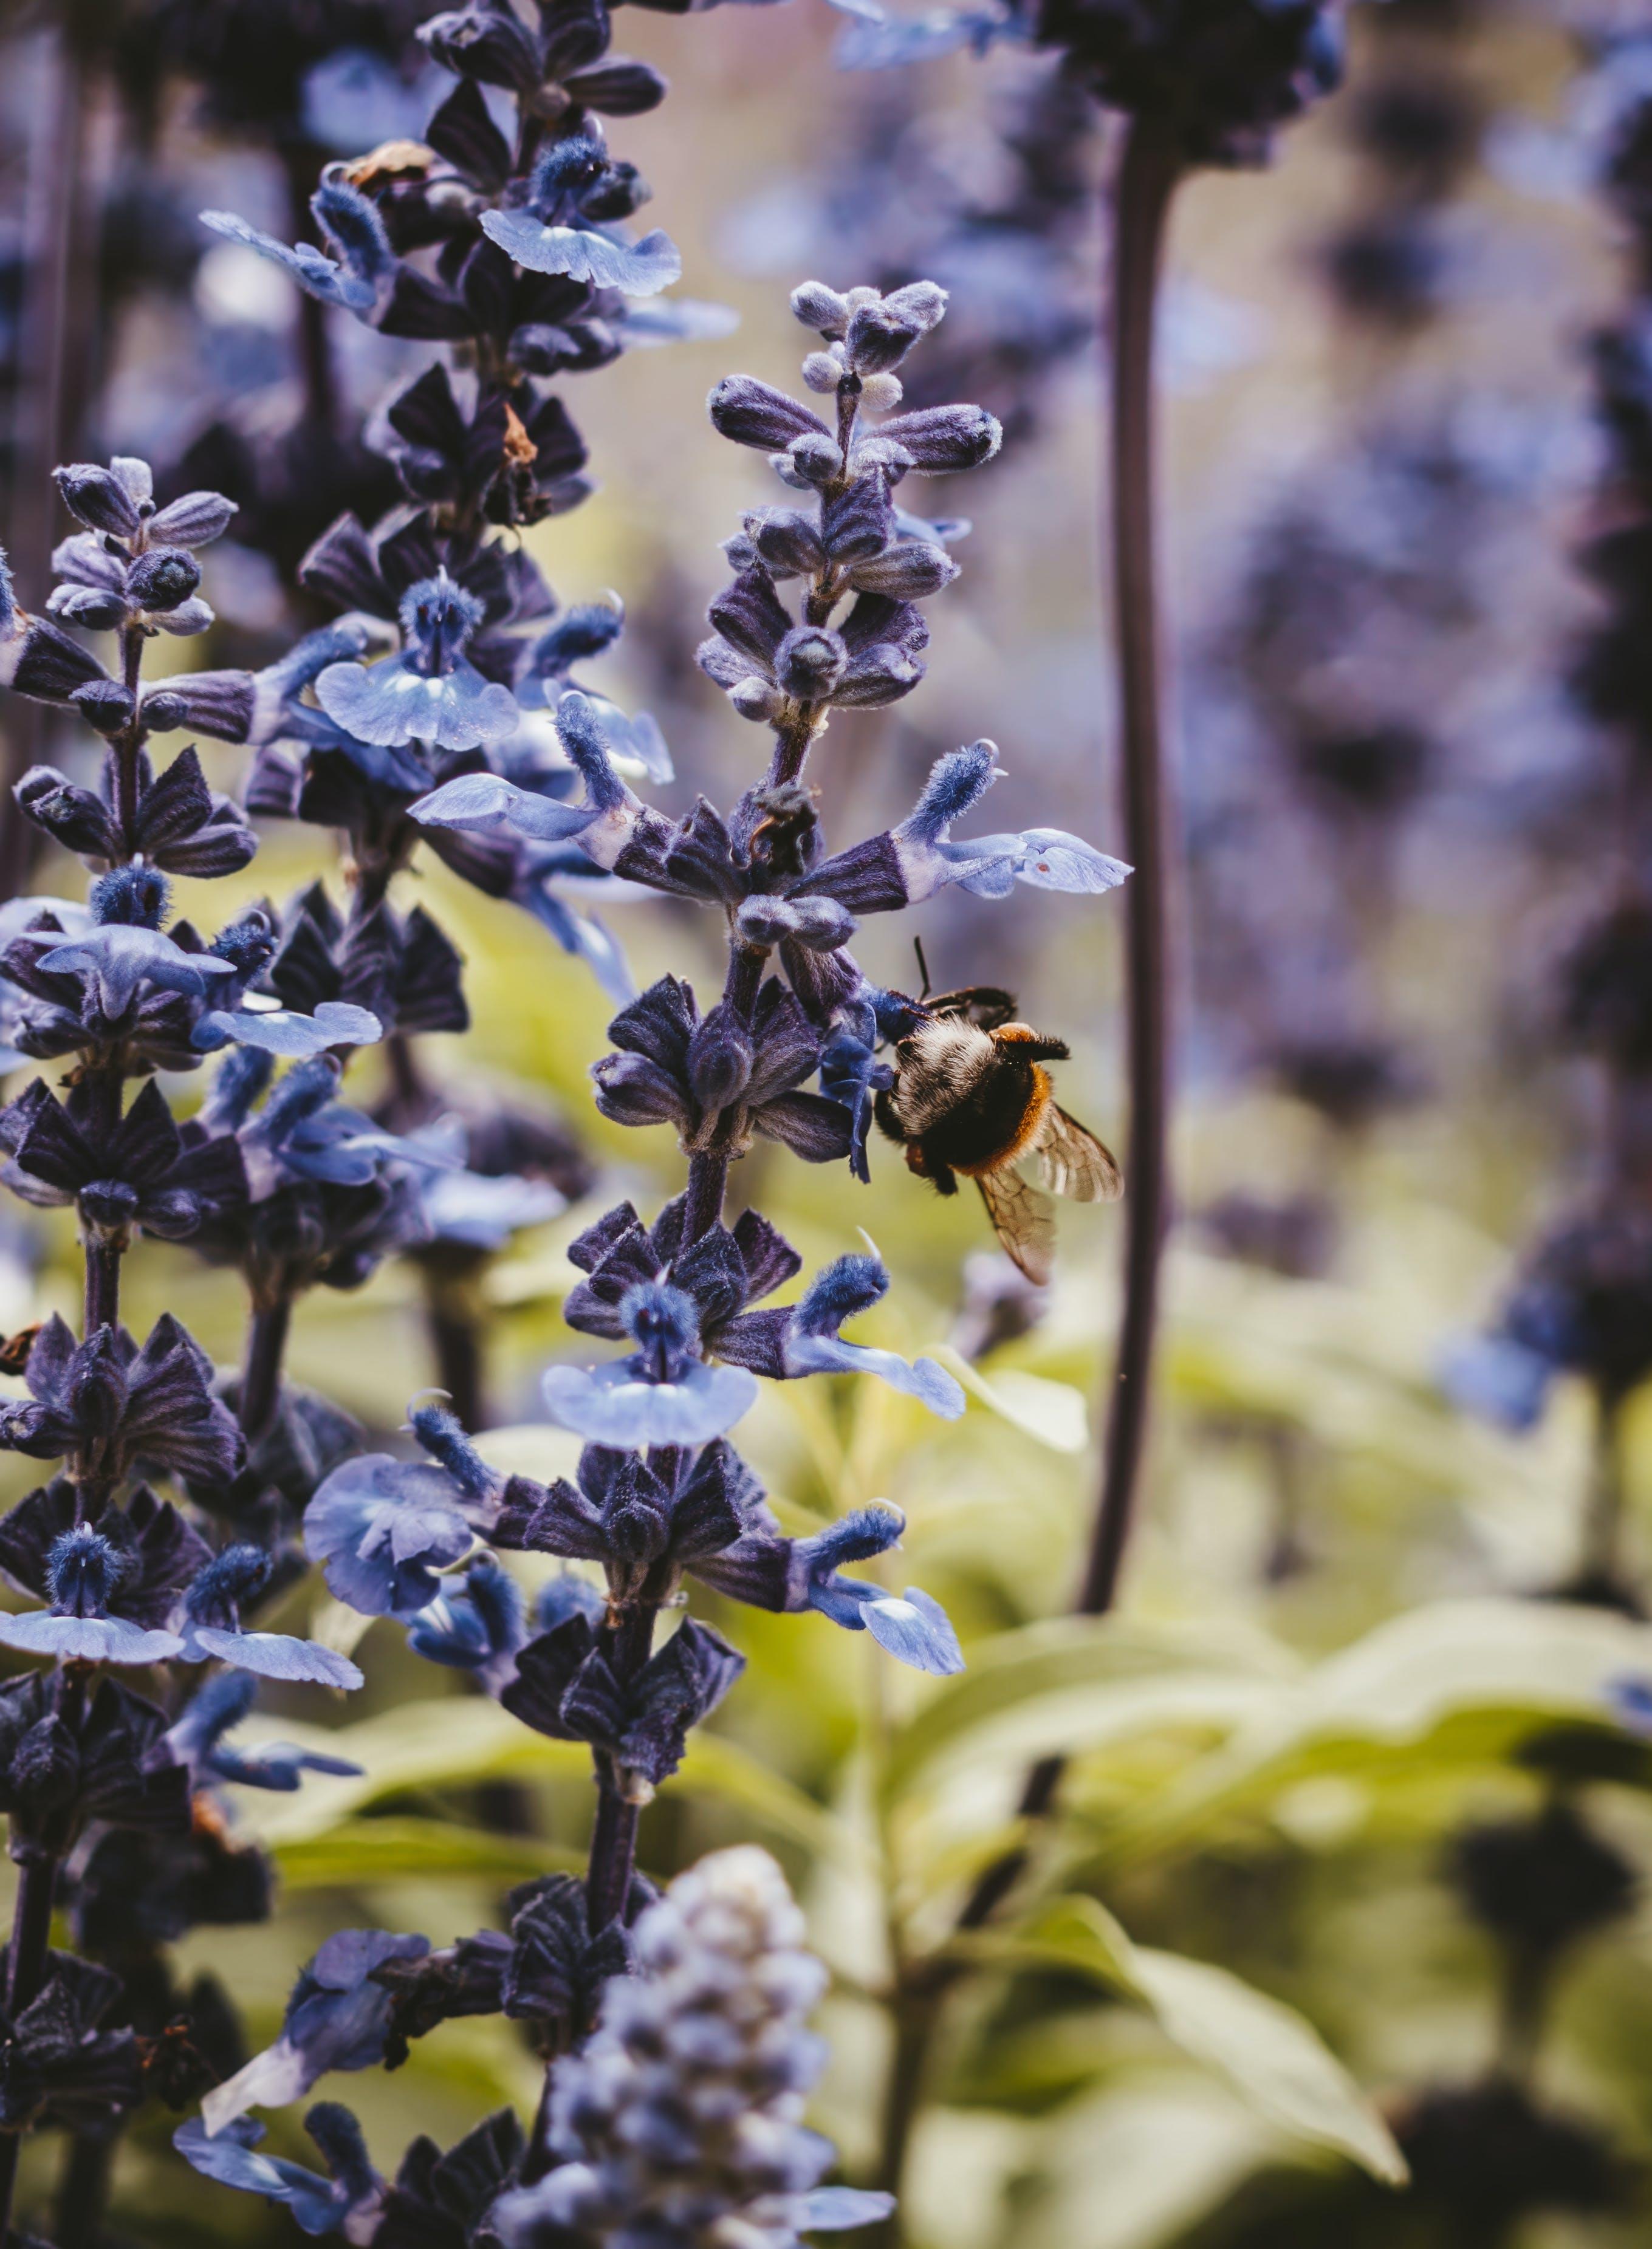 Gratis stockfoto met aromatisch, bestuiving, bloeien, bloemblaadjes